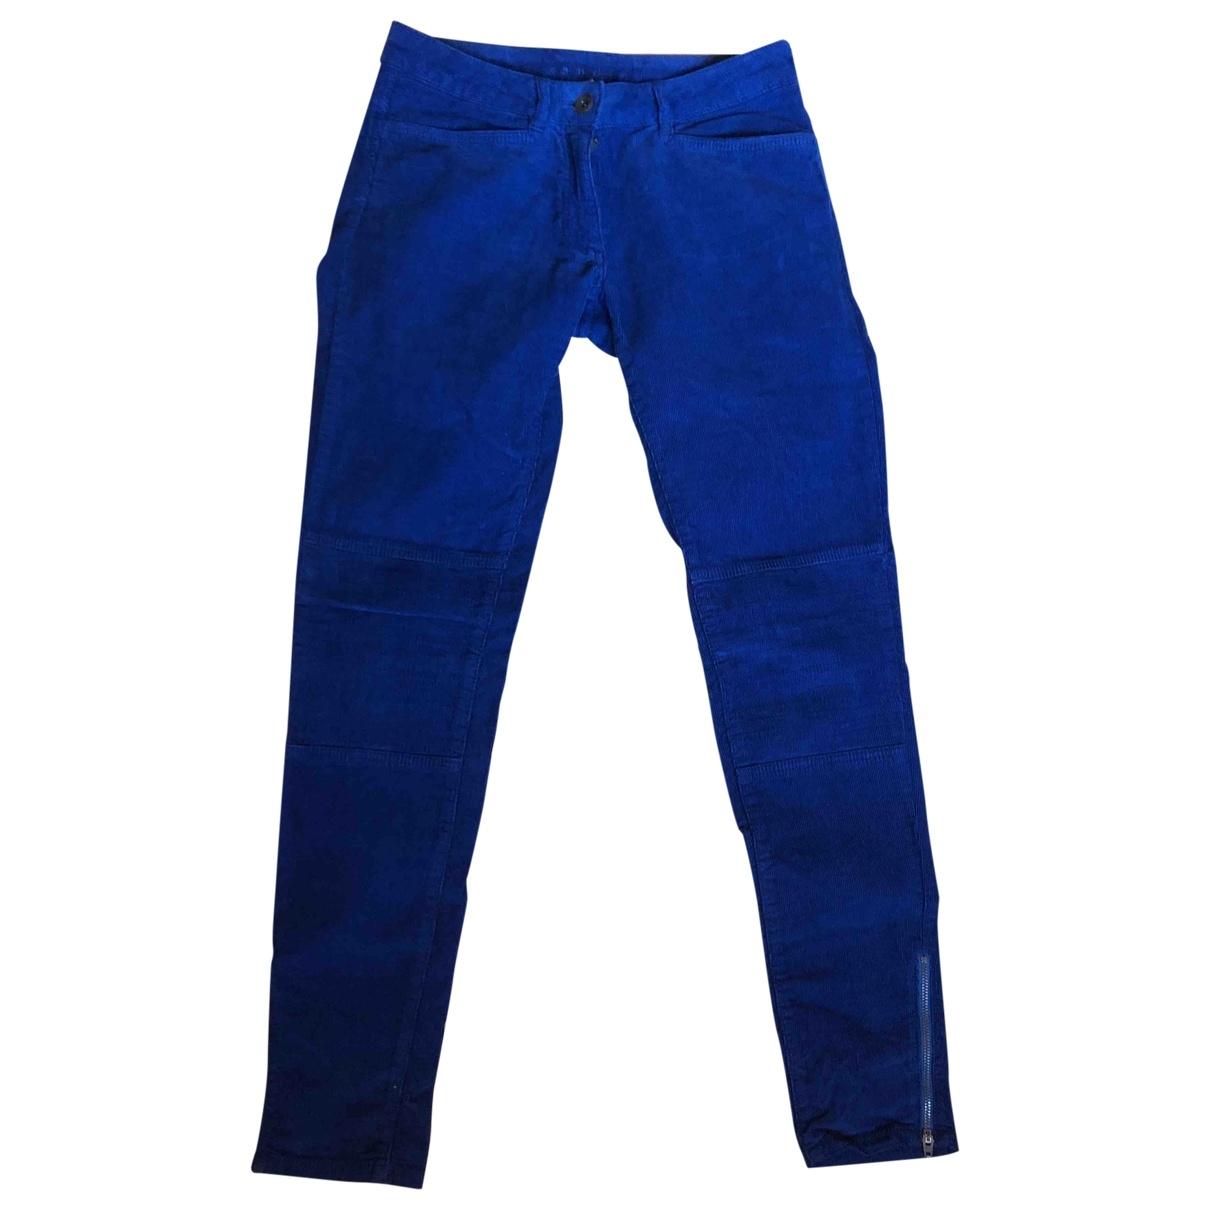 Pantalon en Algodon Azul Sandro